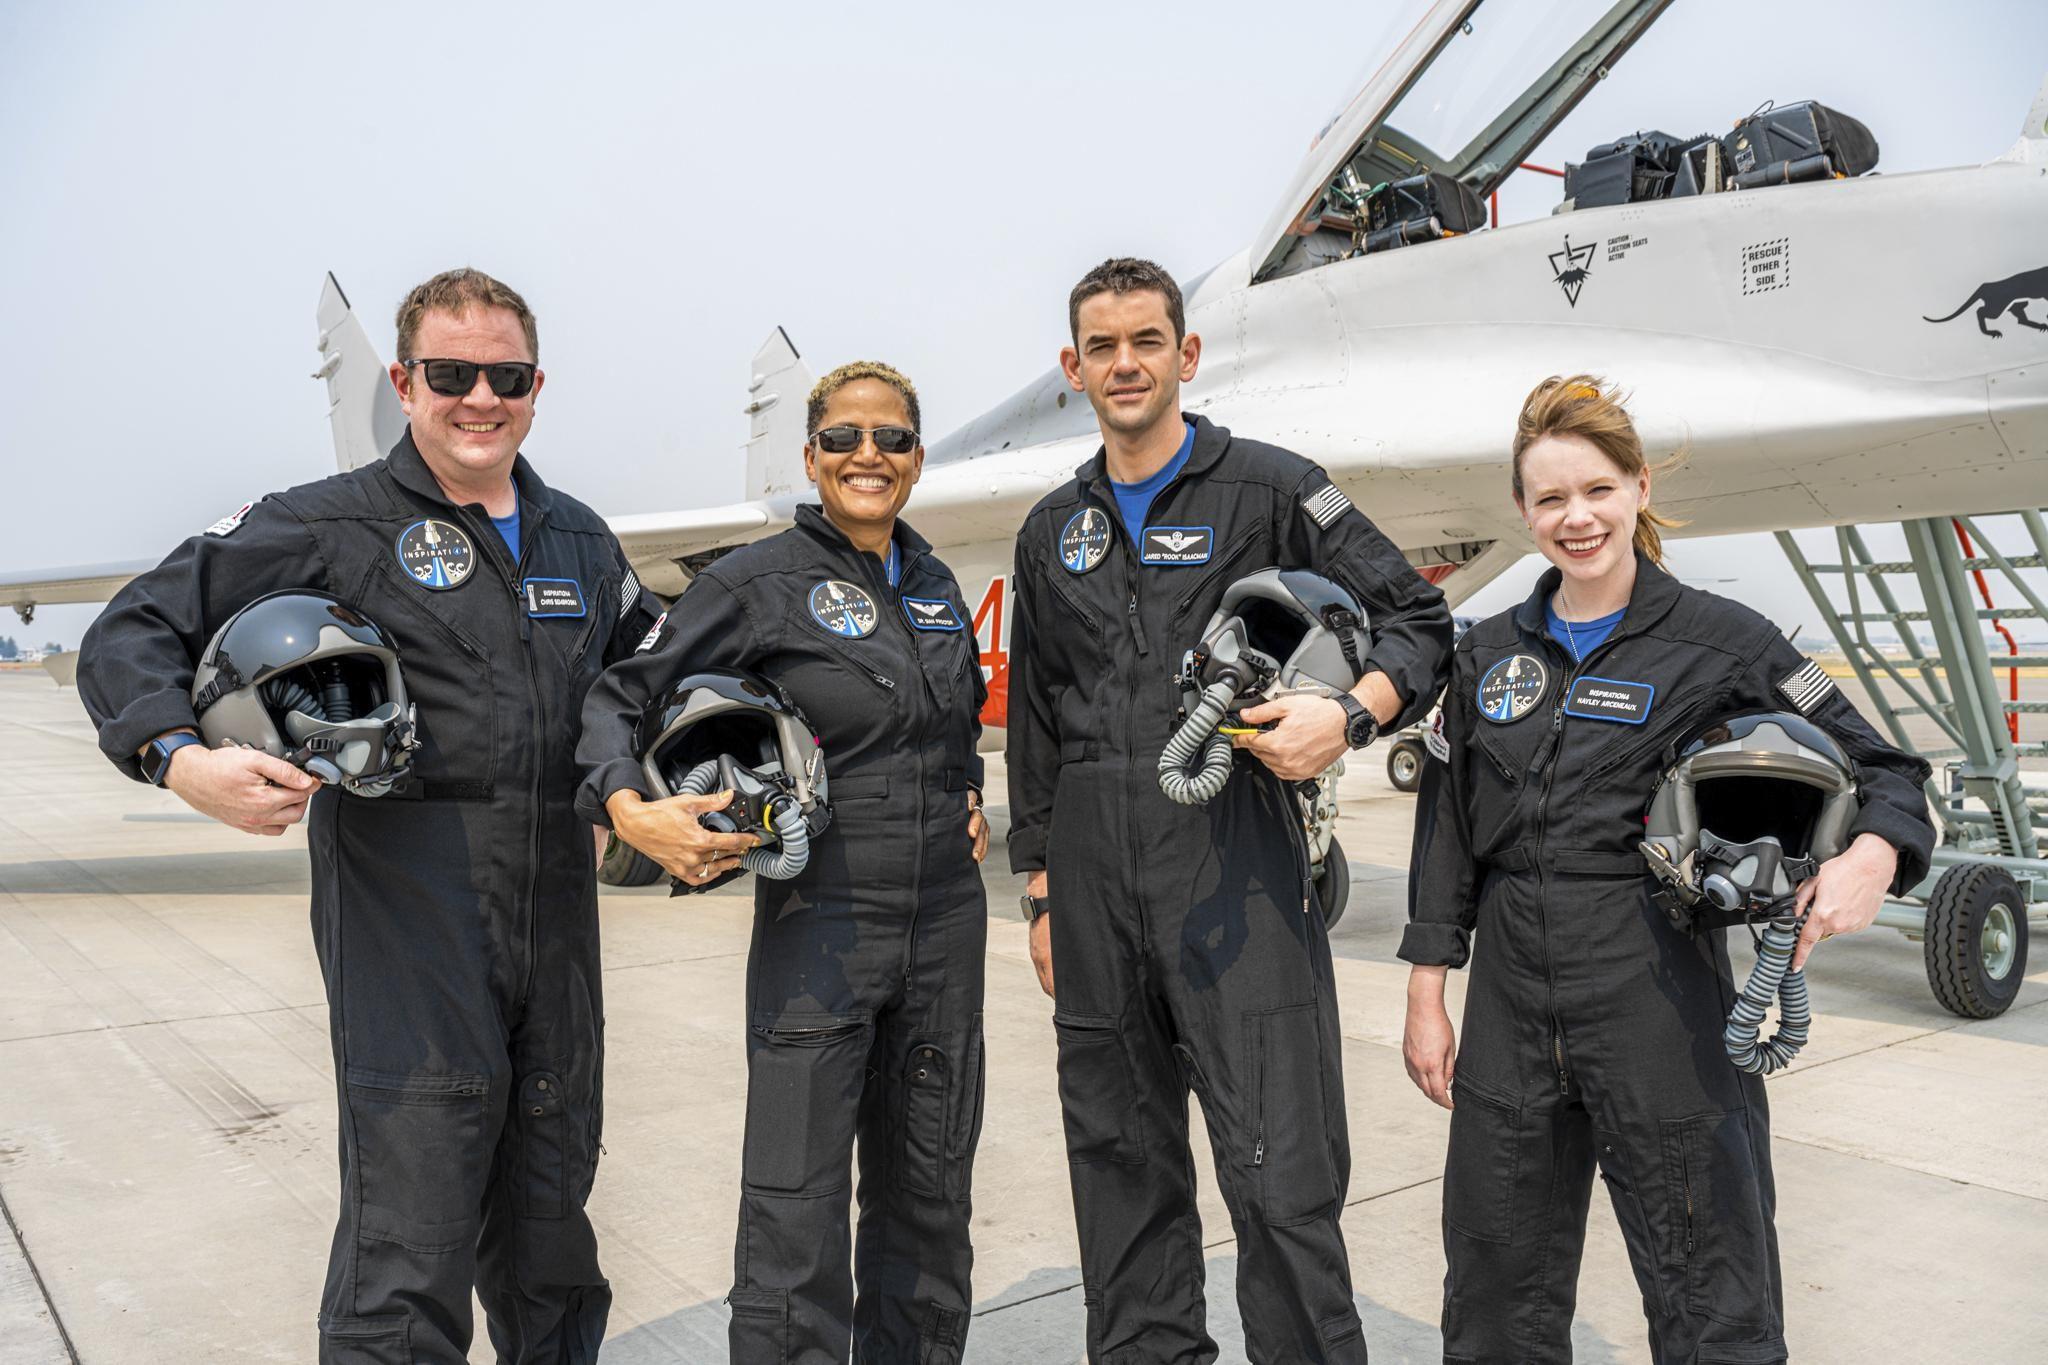 Turistas de SpaceX hablan con Tom Cruise y dan detalles de su vuelo espacial